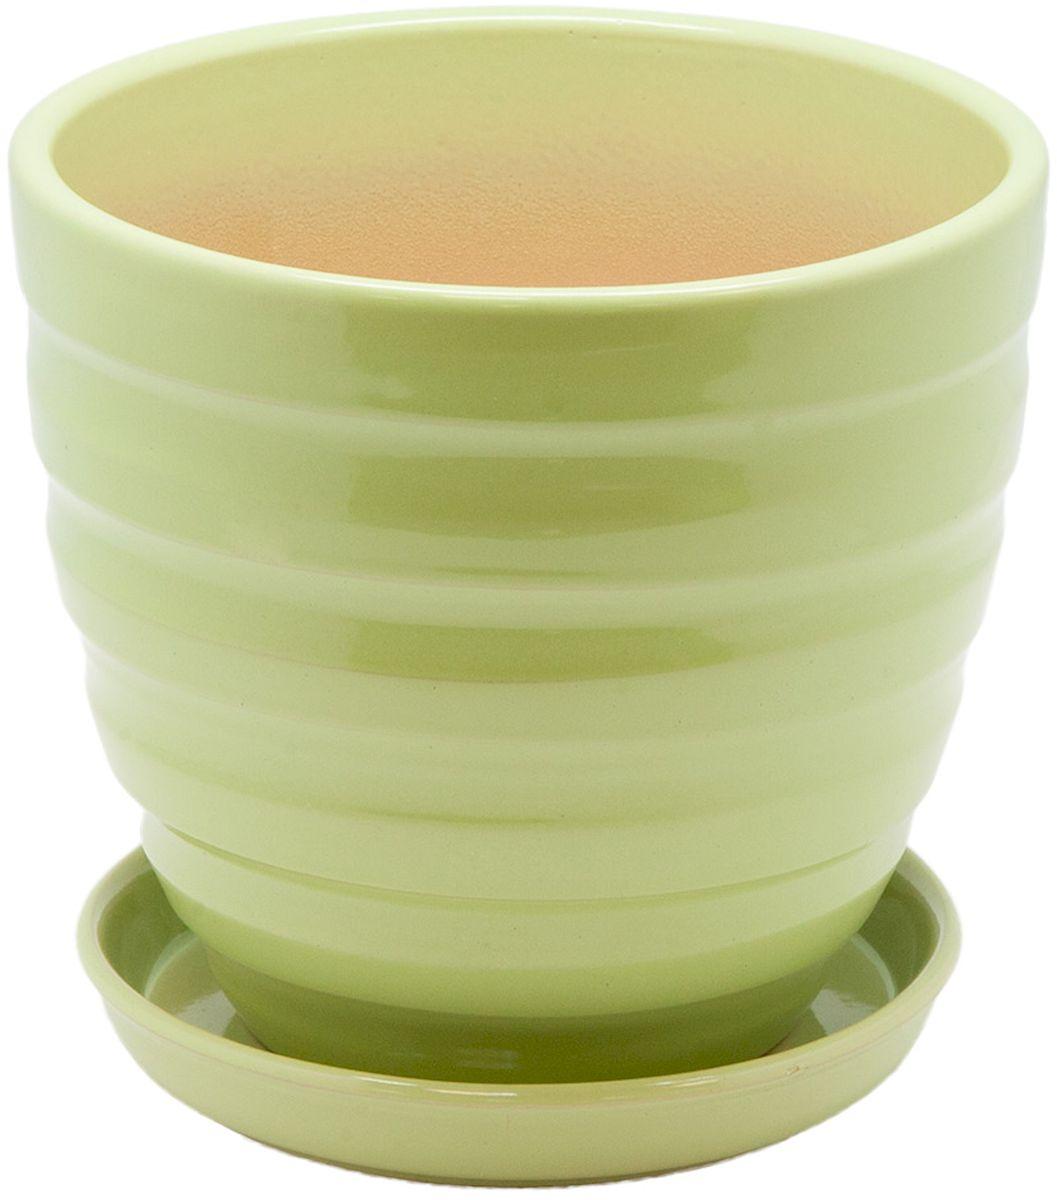 Горшок цветочный Engard, с поддоном, цвет: зеленый, 2,4 л. BH-19-2BH-19-2Керамический горшок Engard - это идеальное решение для выращивания комнатных растений и создания изысканности в интерьере. Керамический горшок сделан из высококачественной глины в классической форме и оригинальном дизайне.Объем: 2,4 л.